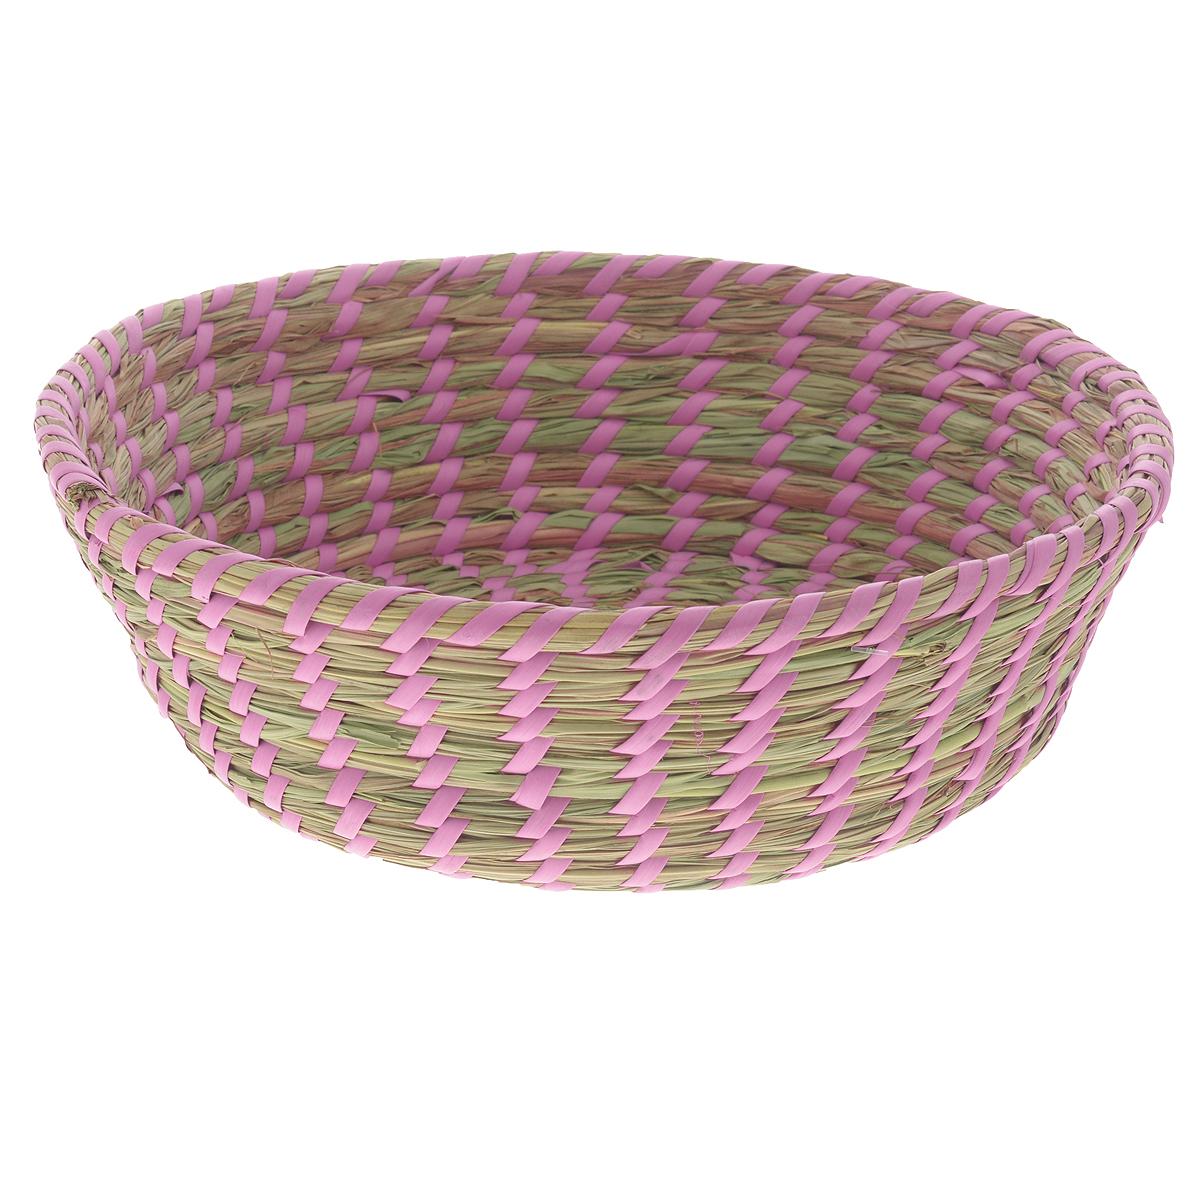 Корзина Zeller, диаметр 33 см18031Круглая корзина Zeller изготовлена из натурального плетеного волокна. Она предназначена для хранения фруктов, хлеба, а также мелочей дома или на даче. Позволяет хранить мелкие вещи, исключая возможность их потери. Корзина очень вместительная. Элегантный выдержанный дизайн позволяет органично вписаться в ваш интерьер и стать его элементом.Материал: натуральное волокно.Диаметр: 33 см.Высота: 10 см.